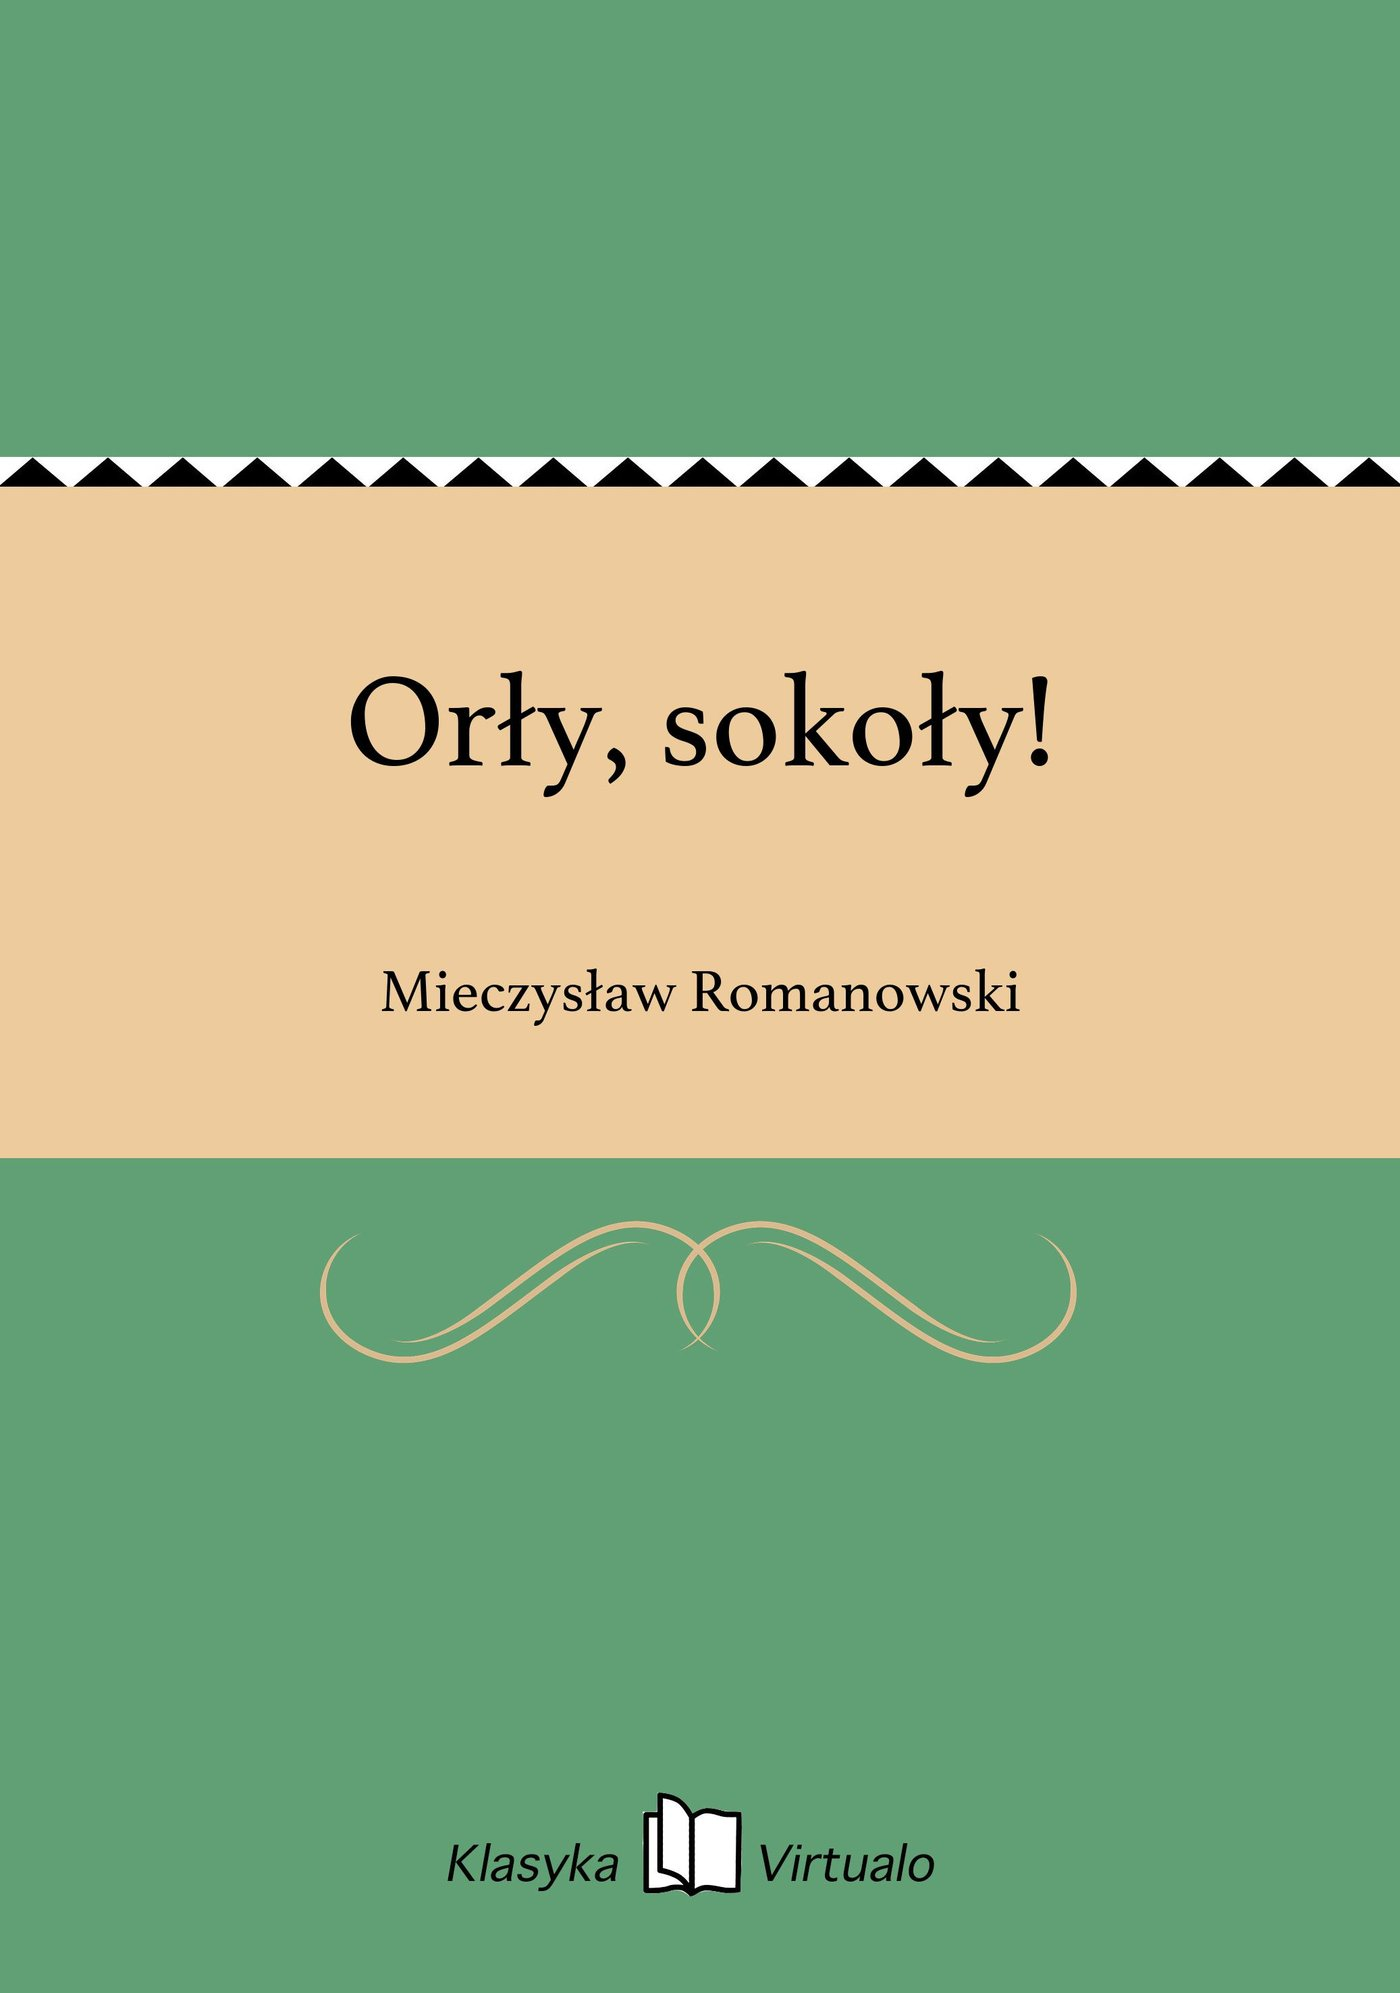 Orły, sokoły! - Ebook (Książka EPUB) do pobrania w formacie EPUB